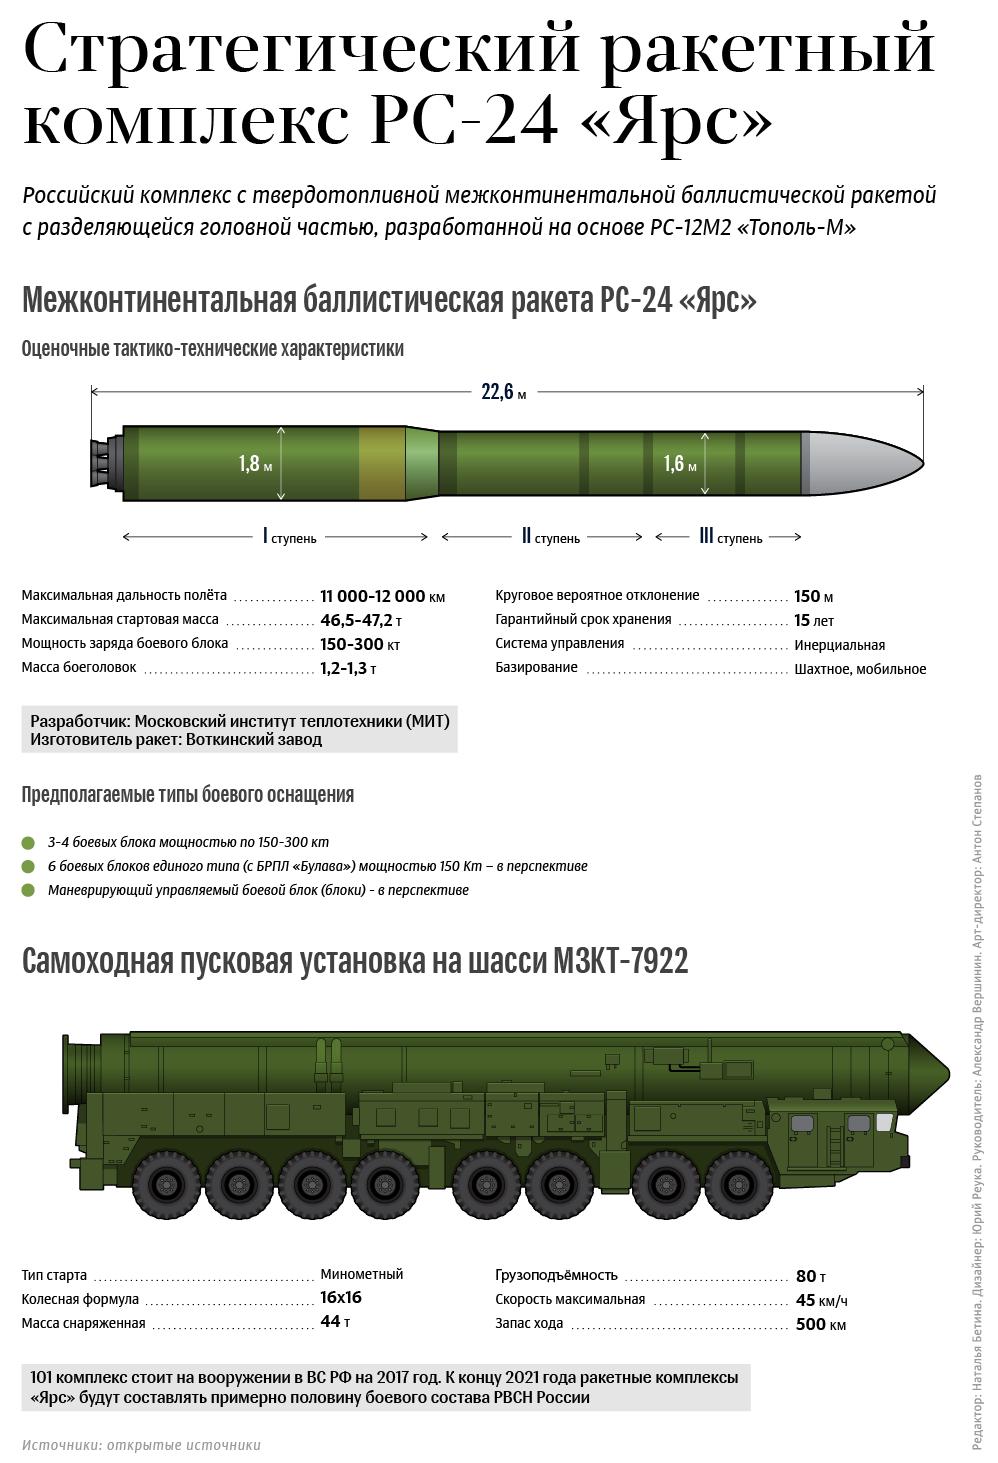 """Стратегический ракетный комплекс РС-24 """"Ярс"""""""